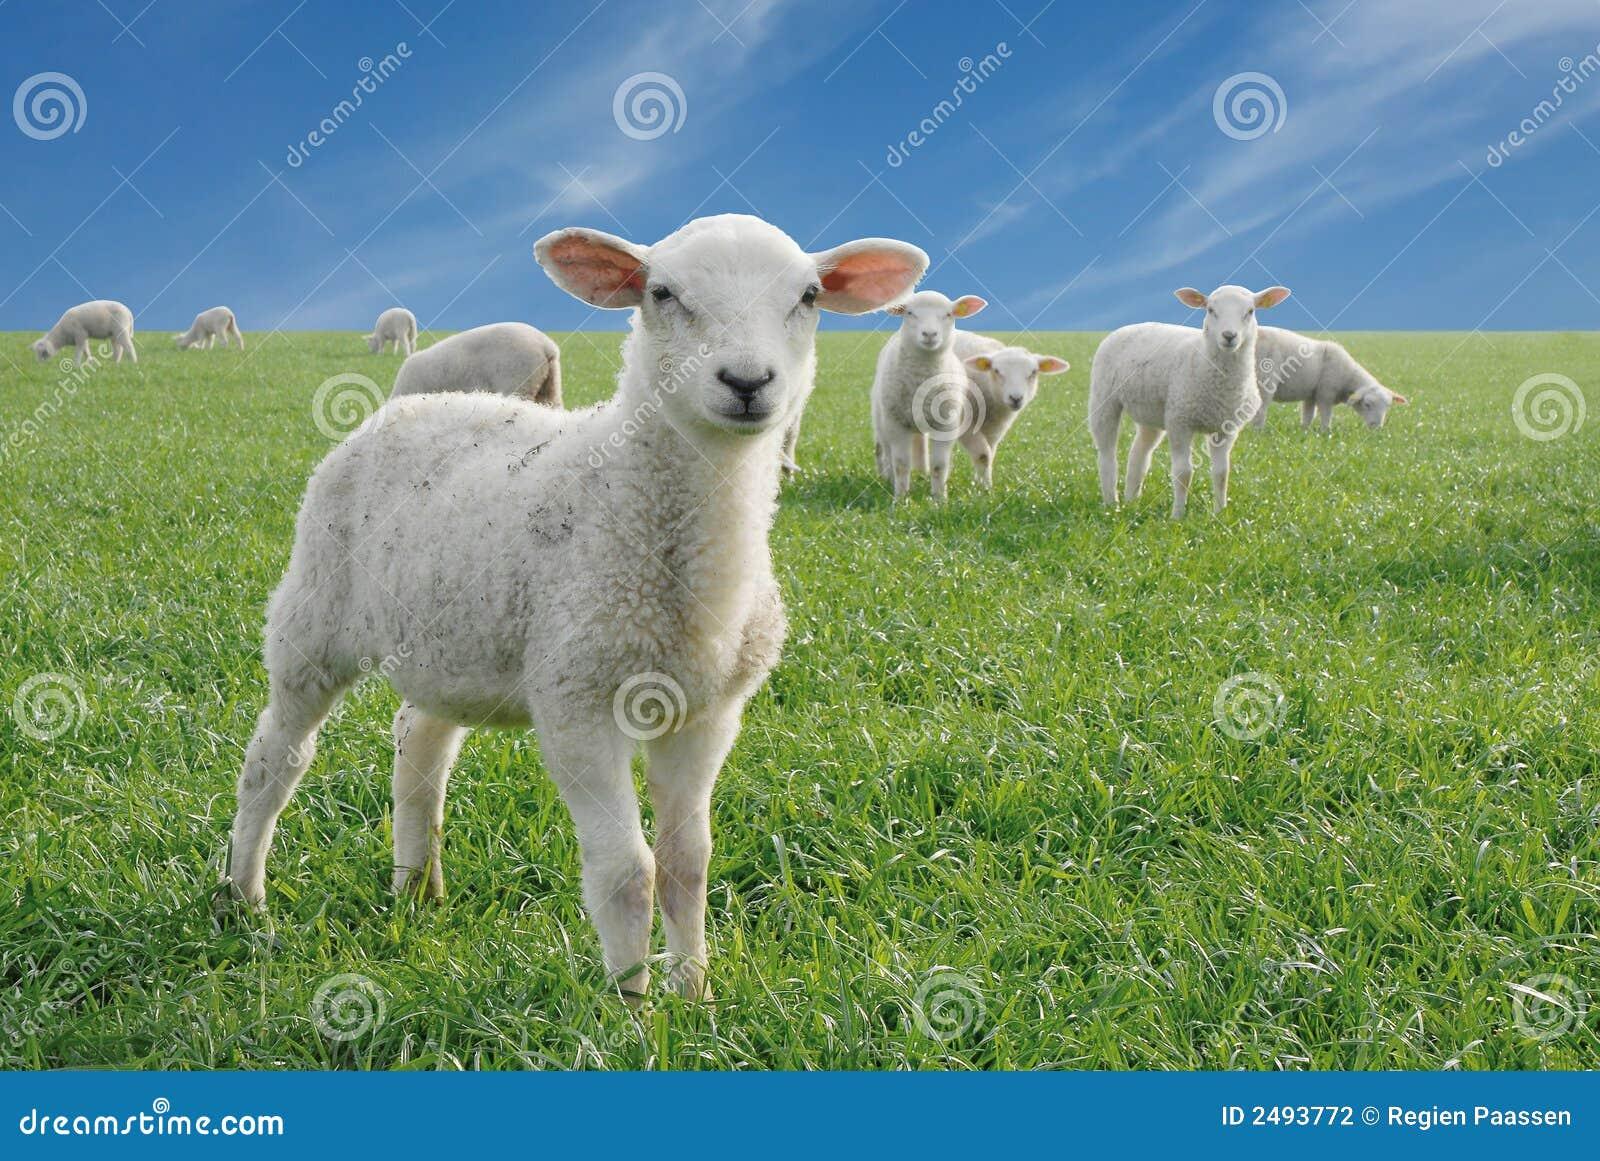 Cute little lambs